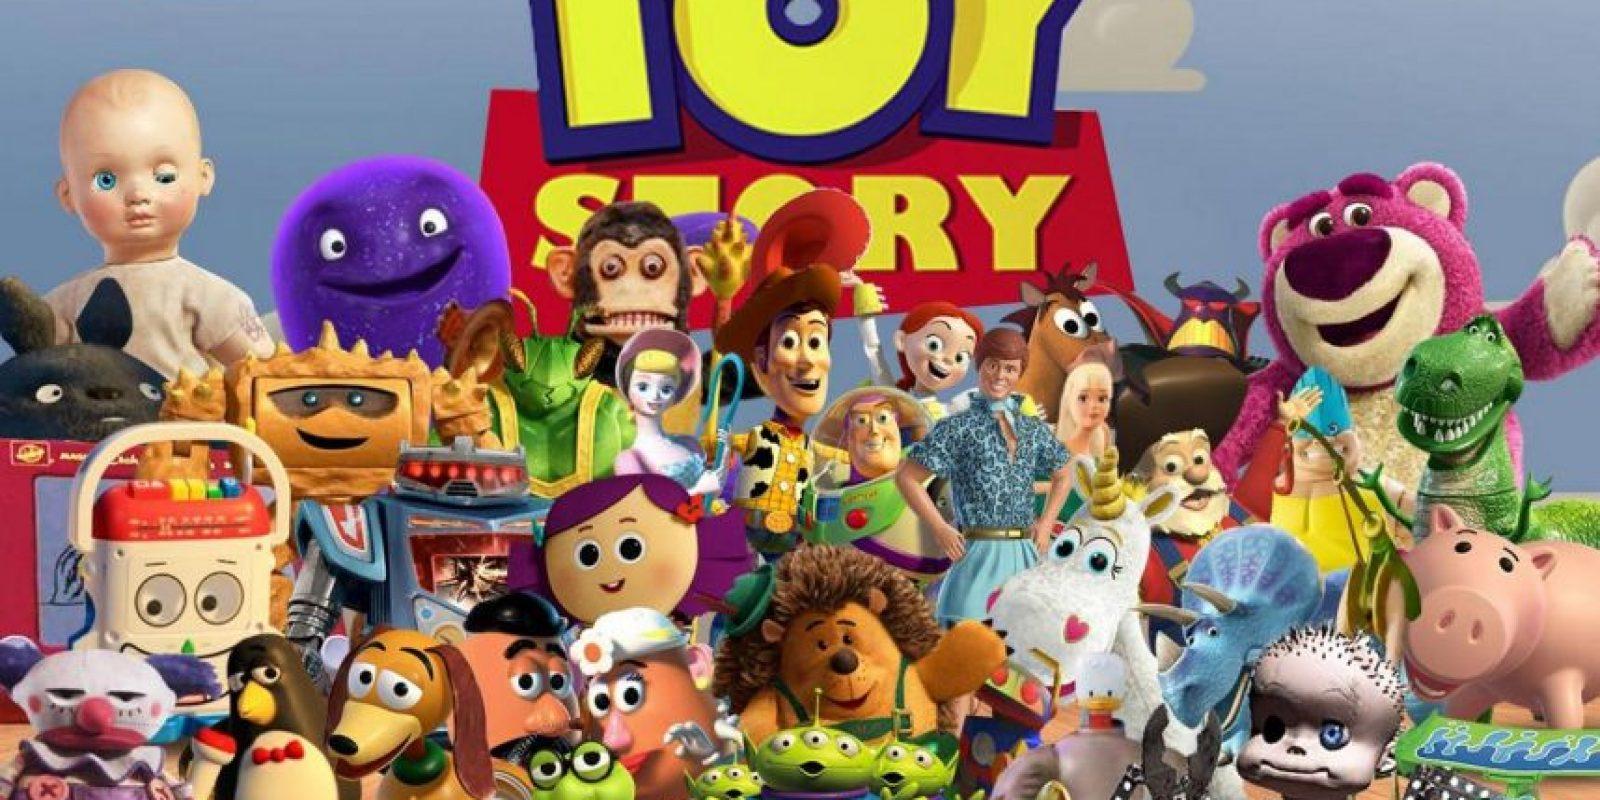 Pixar presentó un primer borrador de la película de Disney el 19 de noviembre de 1993. El resultado fue desastroso. La película fue considerada imposible de ver Foto:Disney